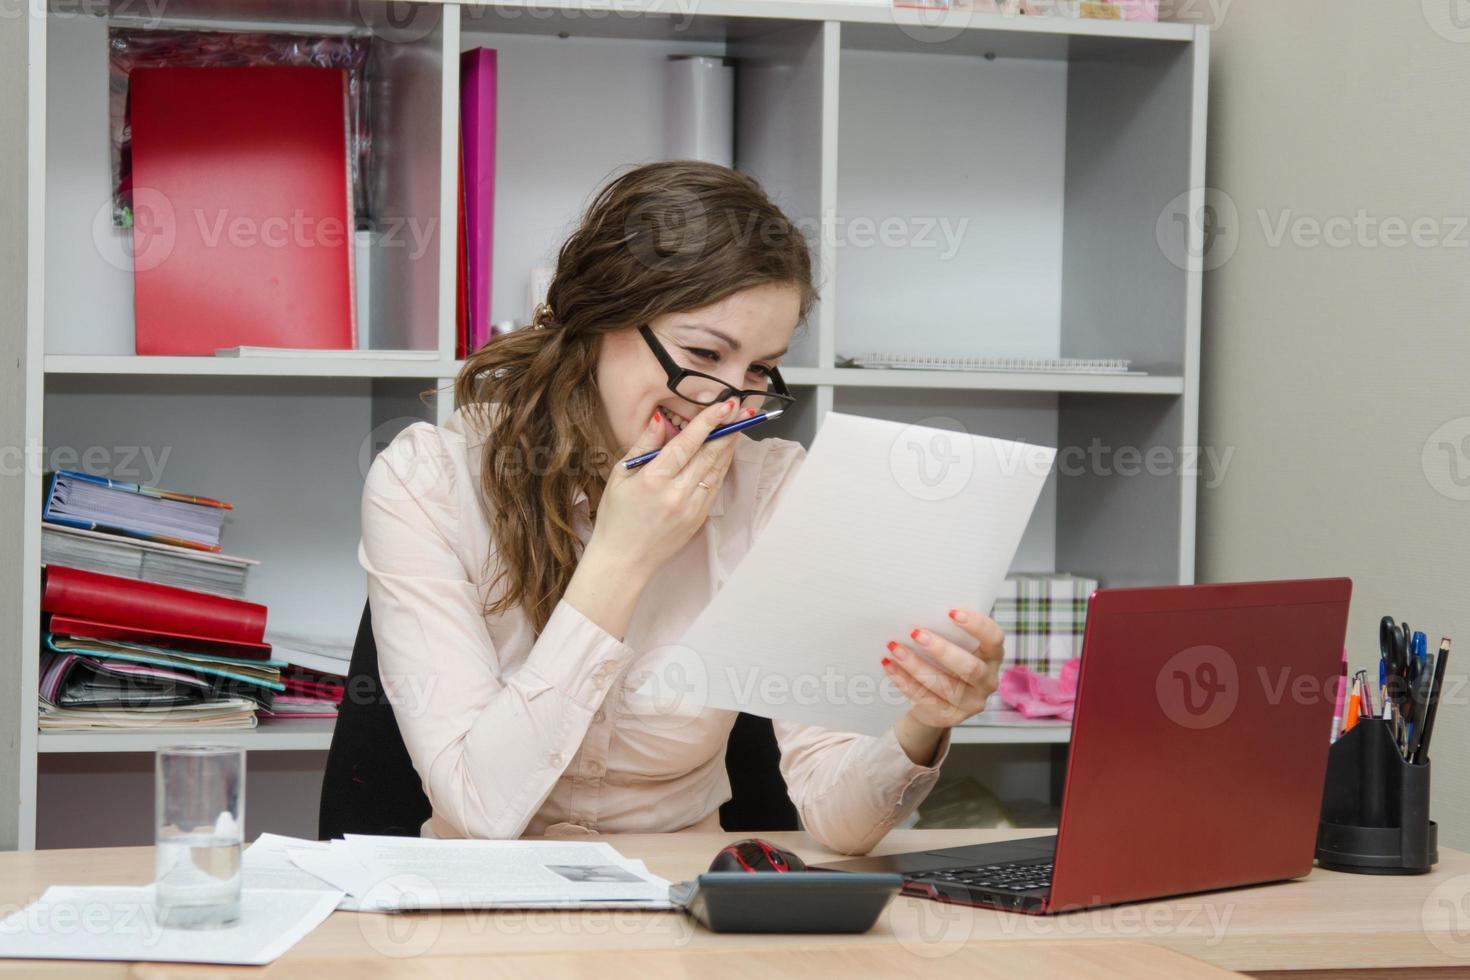 Mädchen lacht beim Lesen eines Dokuments am Arbeitsplatz foto